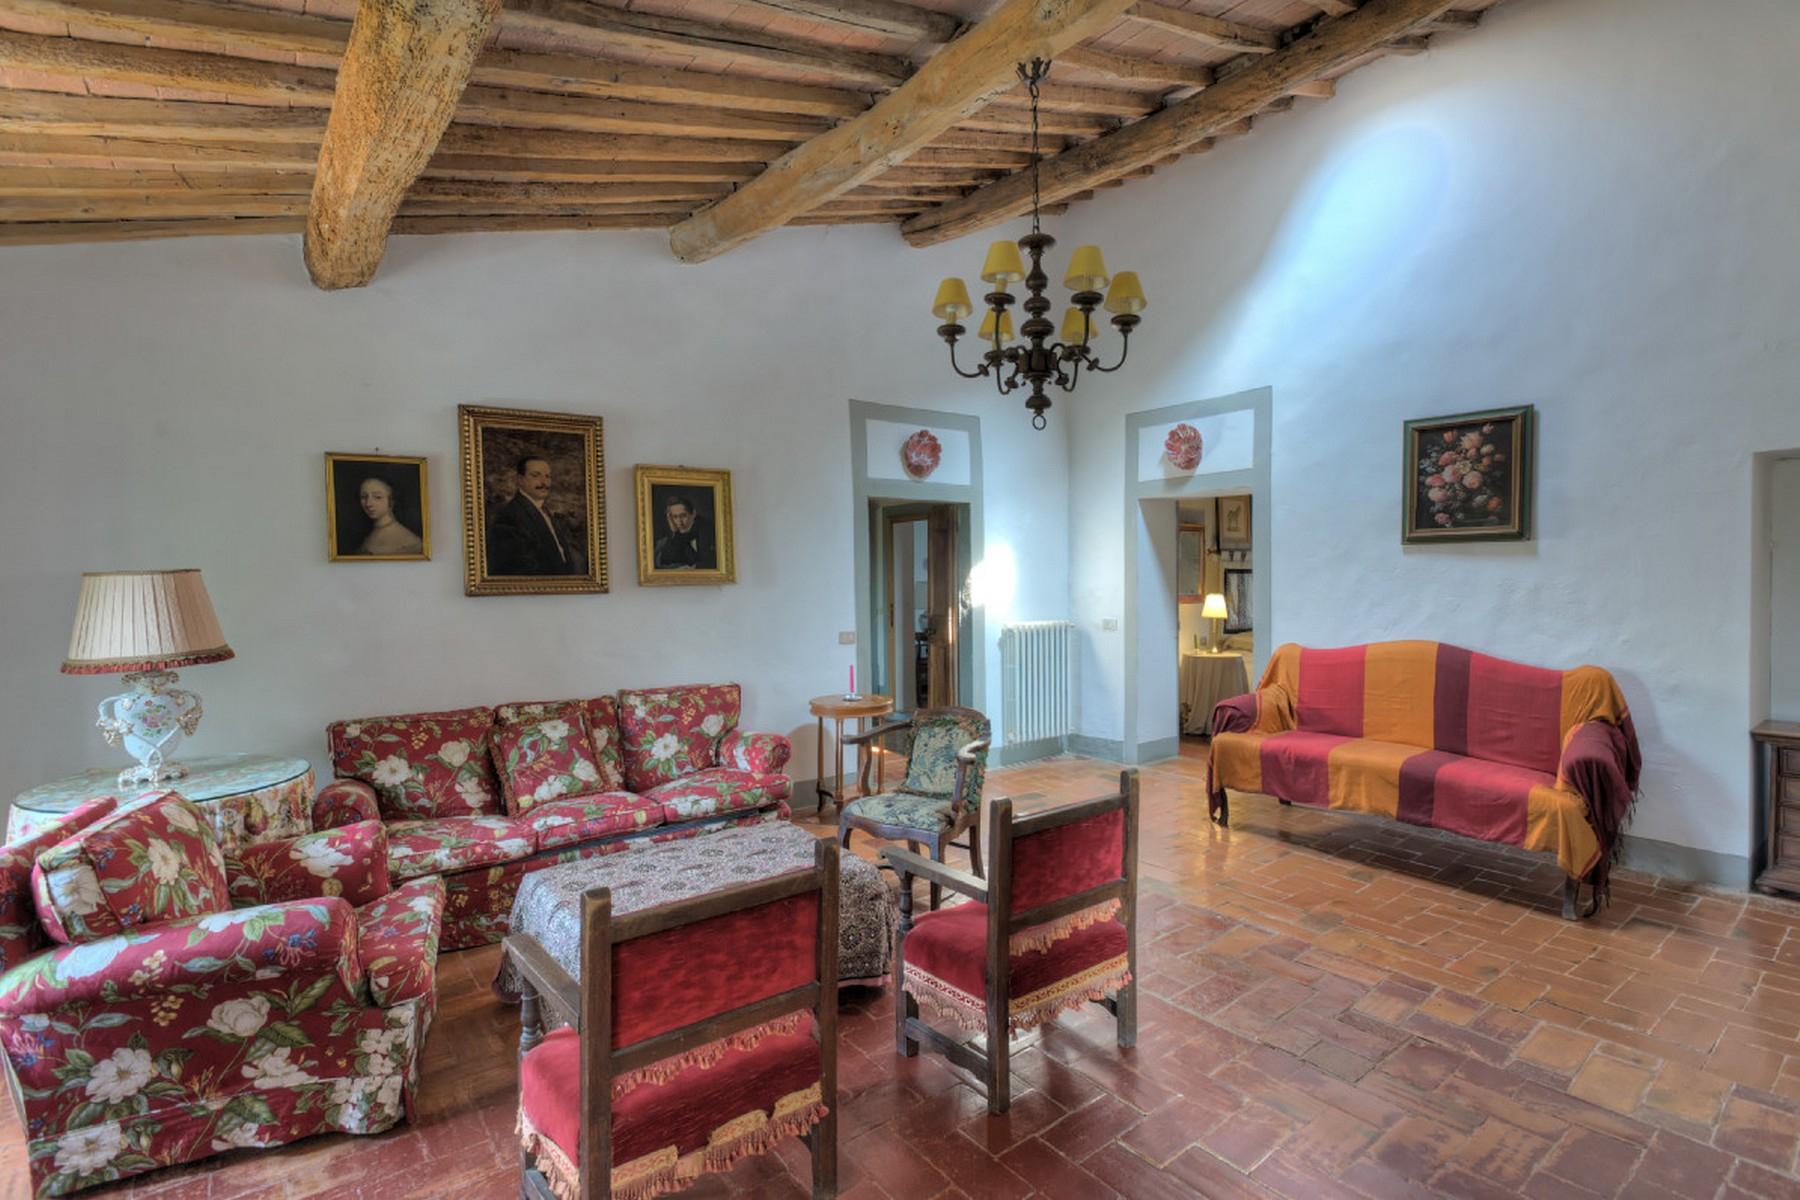 State-of-the-art rustic villa set in Florentine Chianti - 18